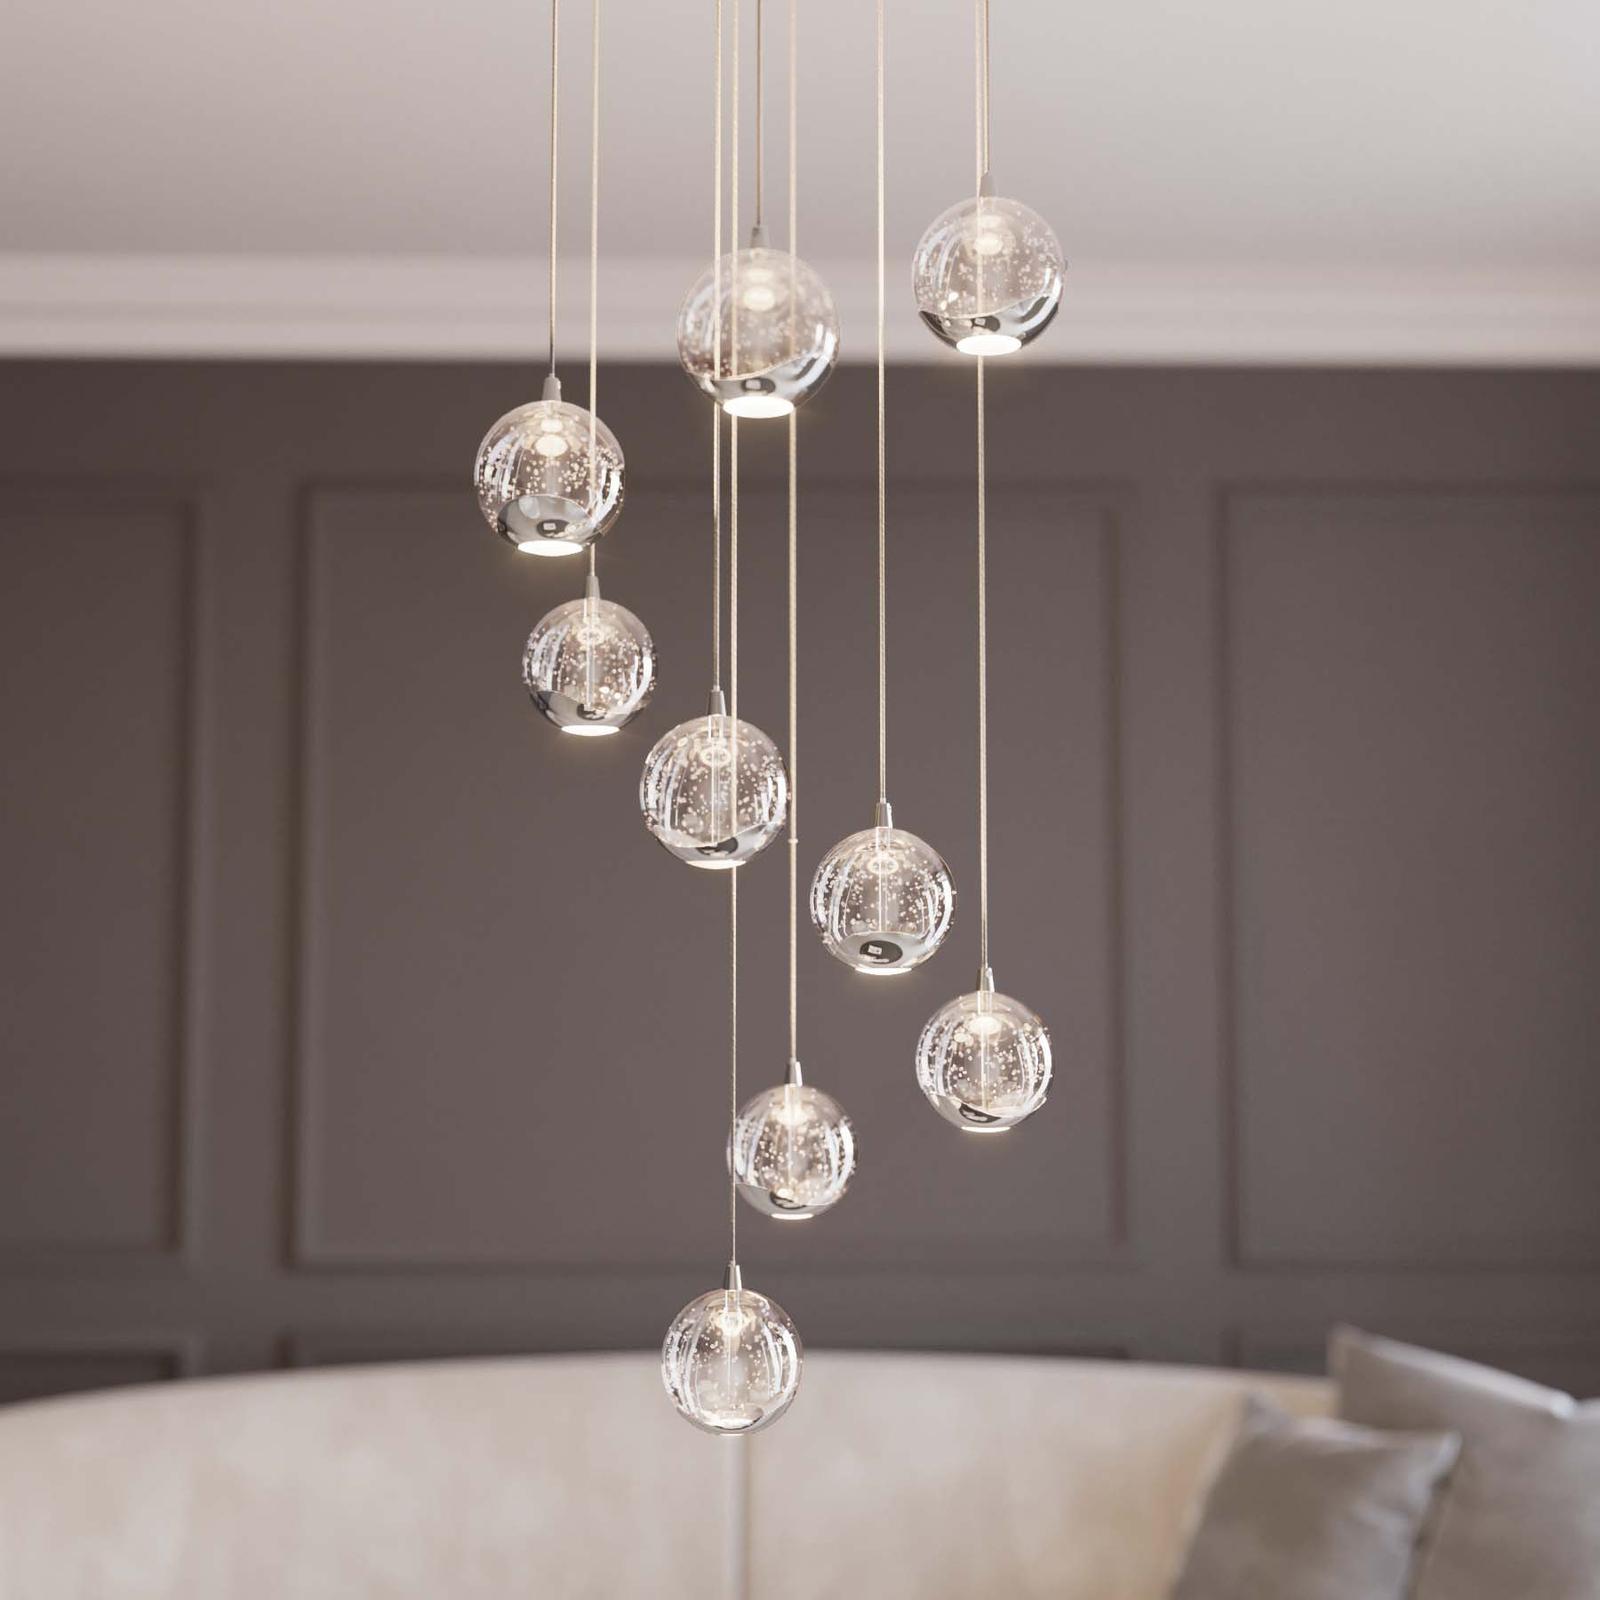 Lucande Hayley LED-pendellampe, 9 lyskilder, krom